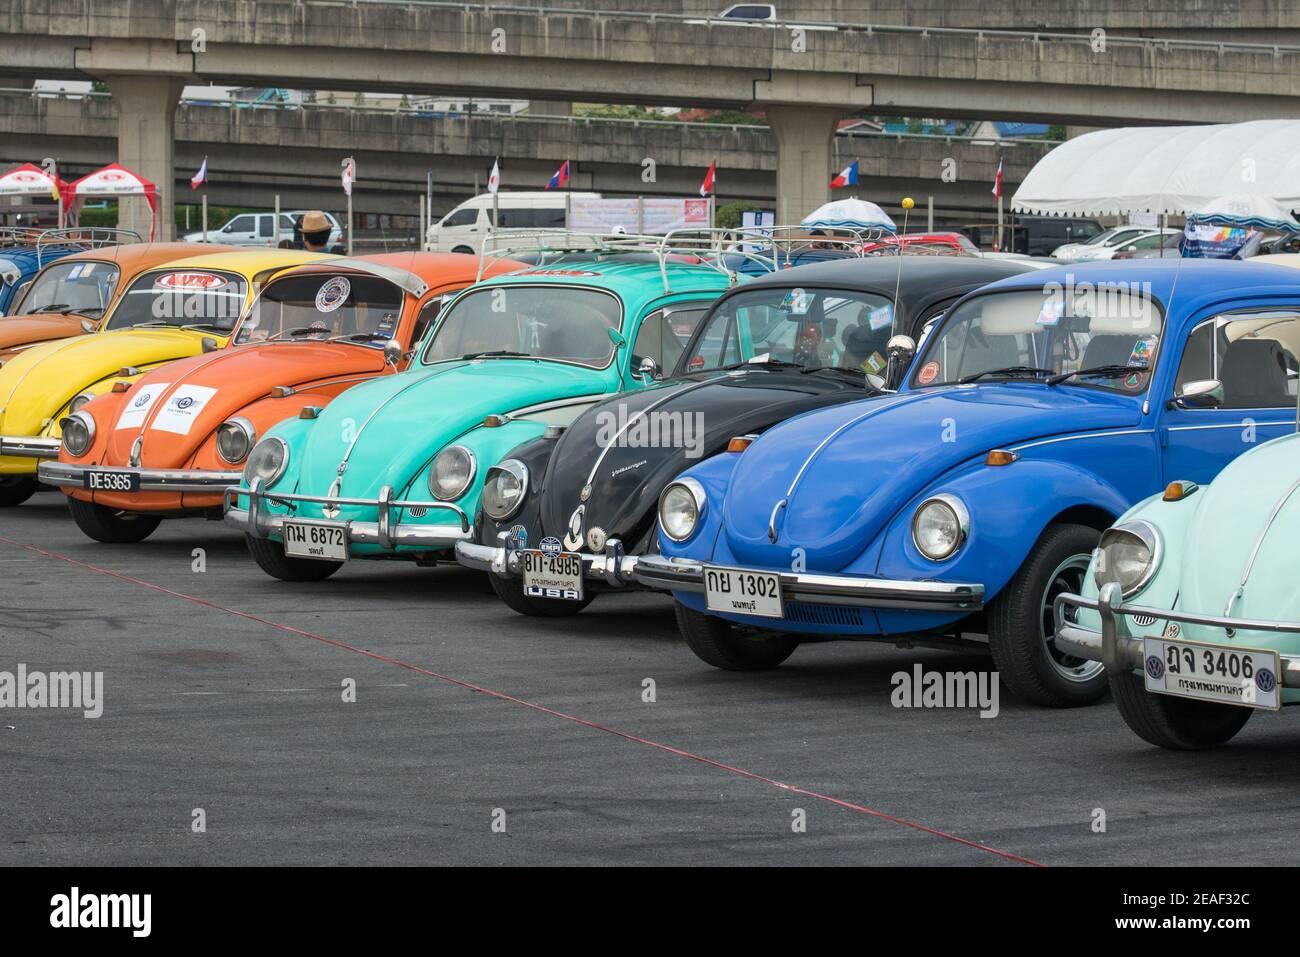 Thaïlande, Bangkok : la rangée de coléoptères VW au Siam VW Festival, une rencontre automobile classique pour Volkswagen refroidi par air. Banque D'Images